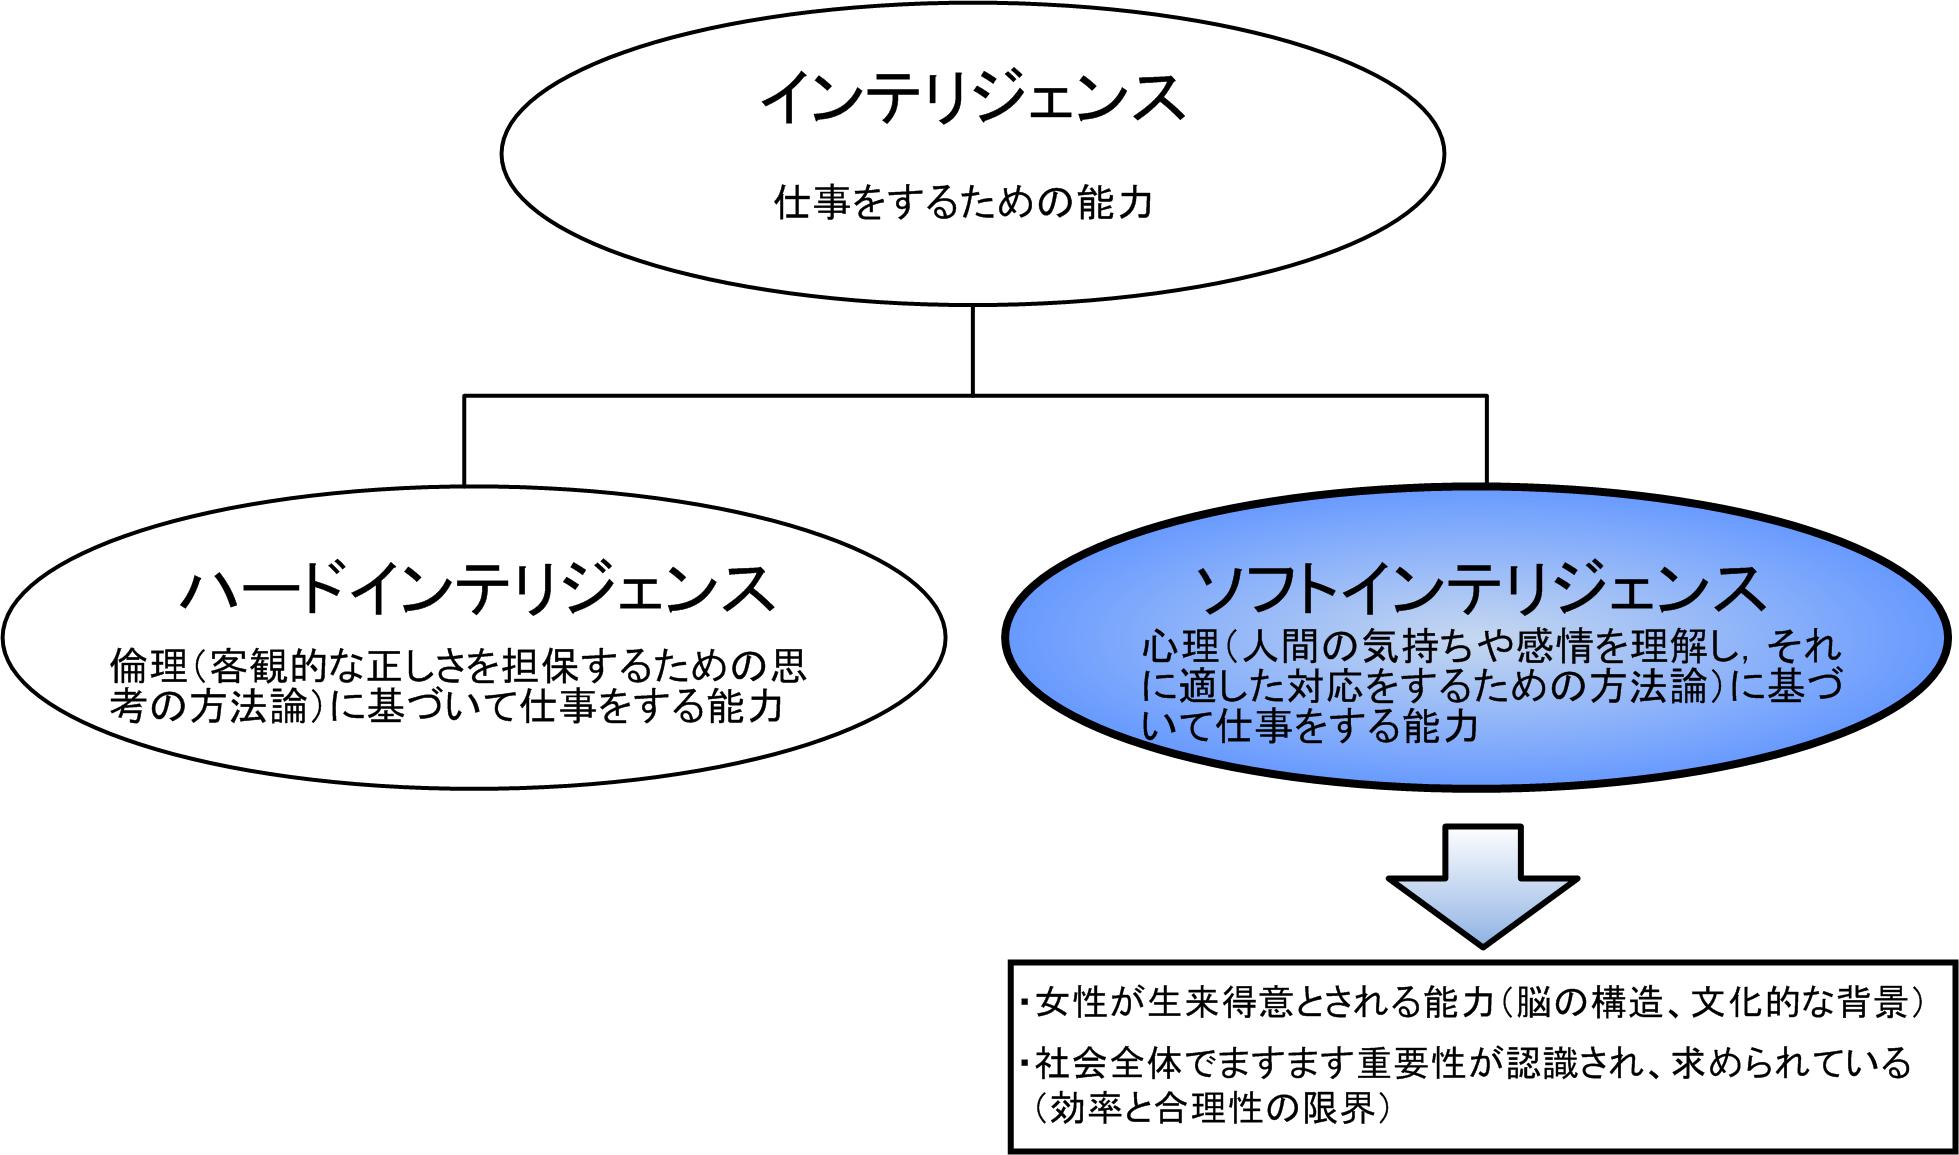 ソフト説明.png